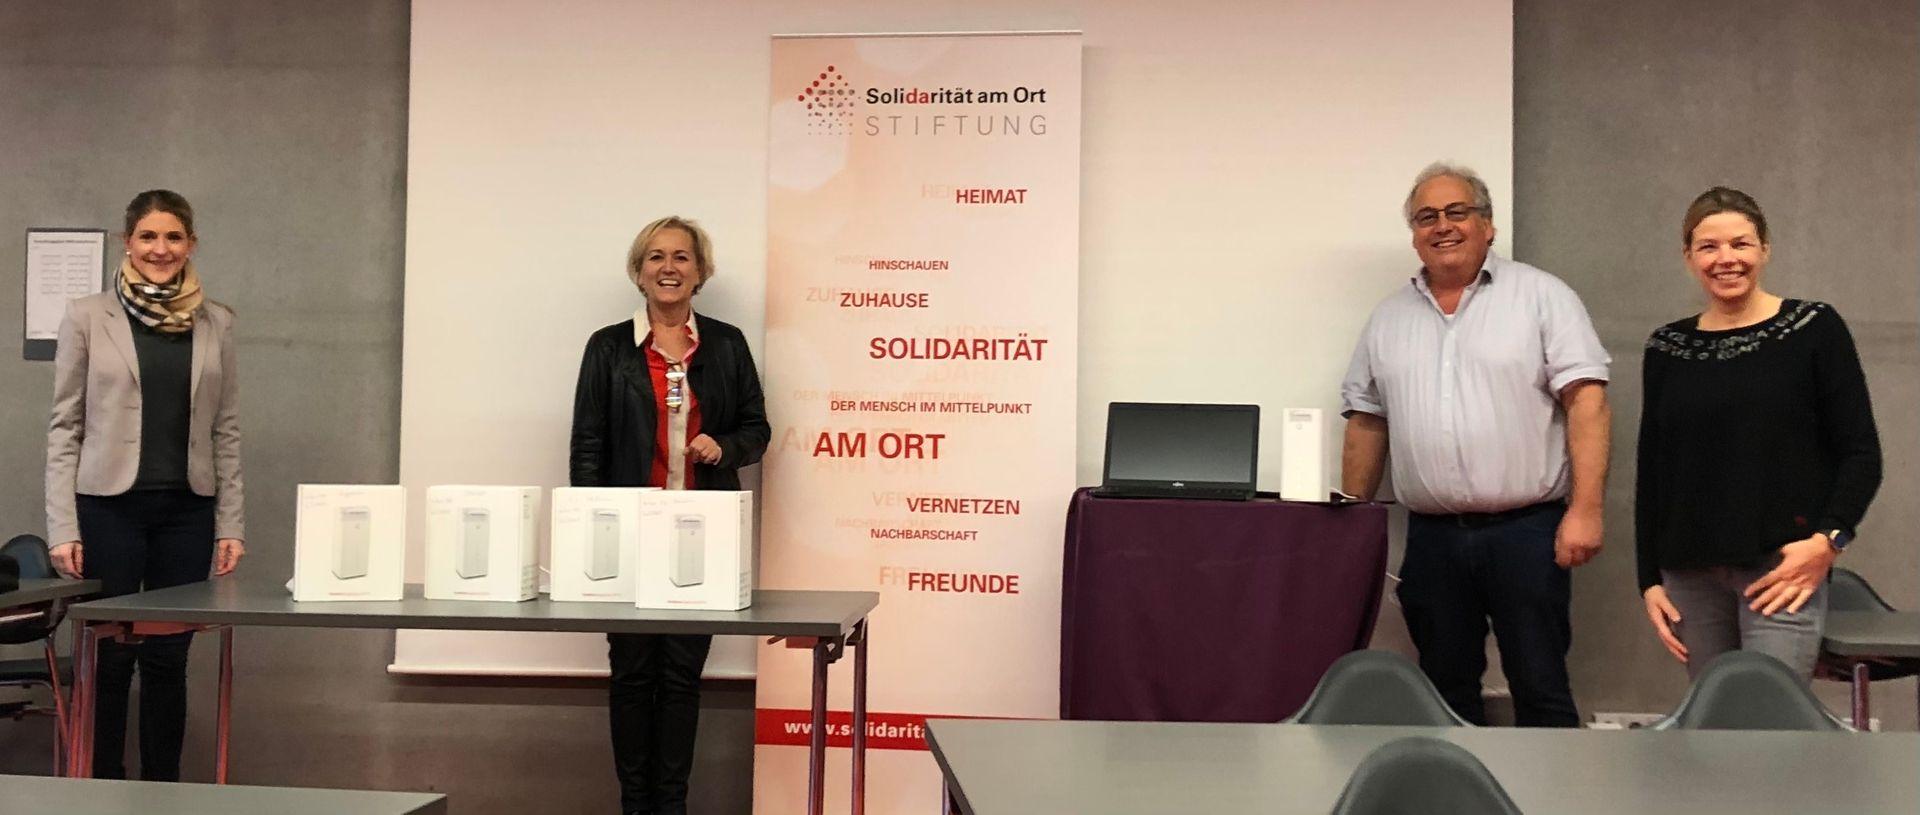 Stiftung Solidarität am Ort fördert Digitalisierung der Ravensburger Grundschulen